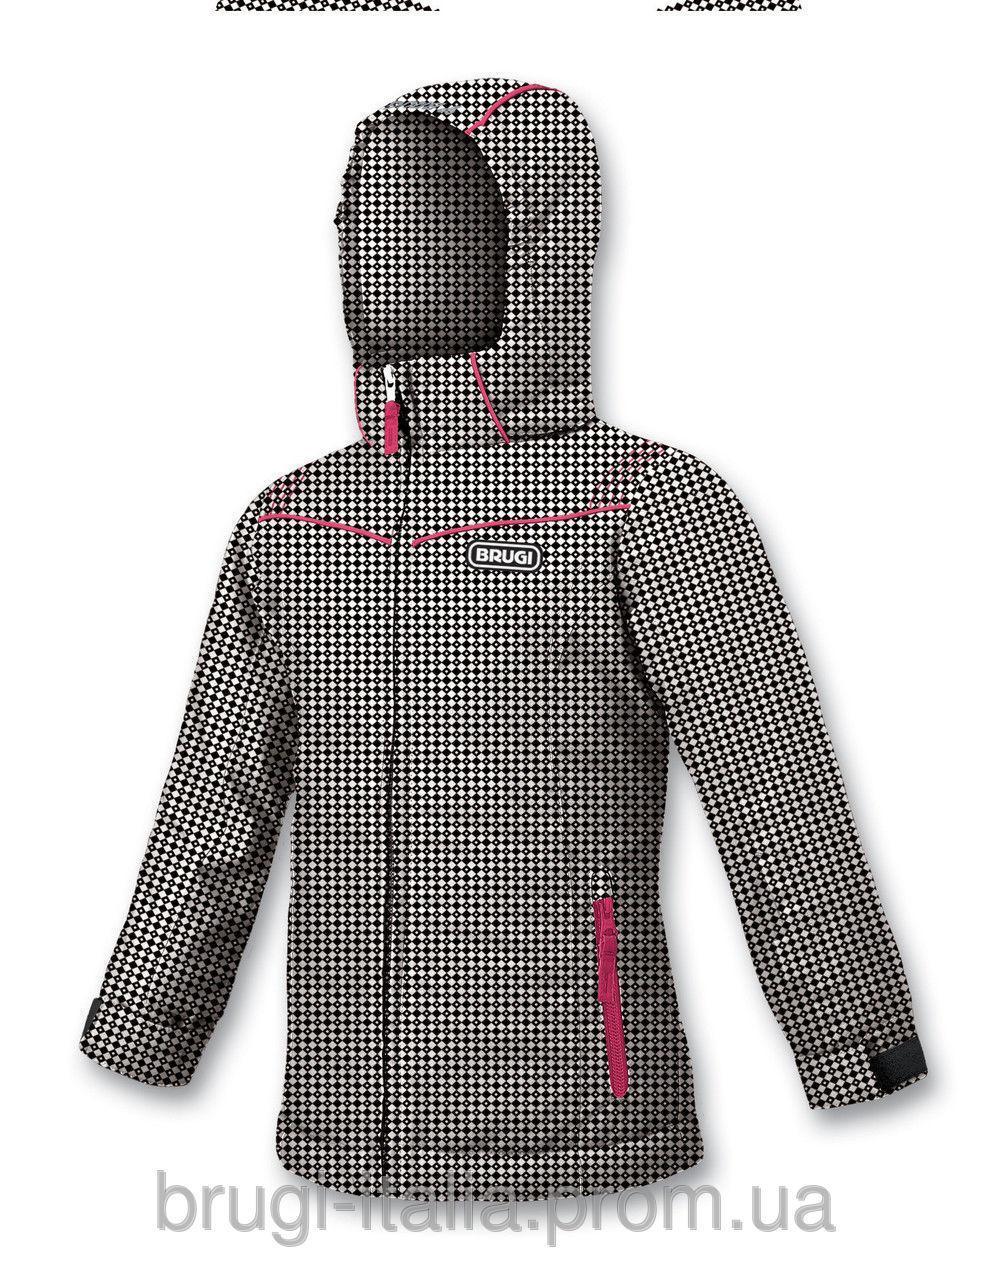 Детская куртка для девочки Верхняя одежда для девочек BRUGI Италия J214 черно-белая